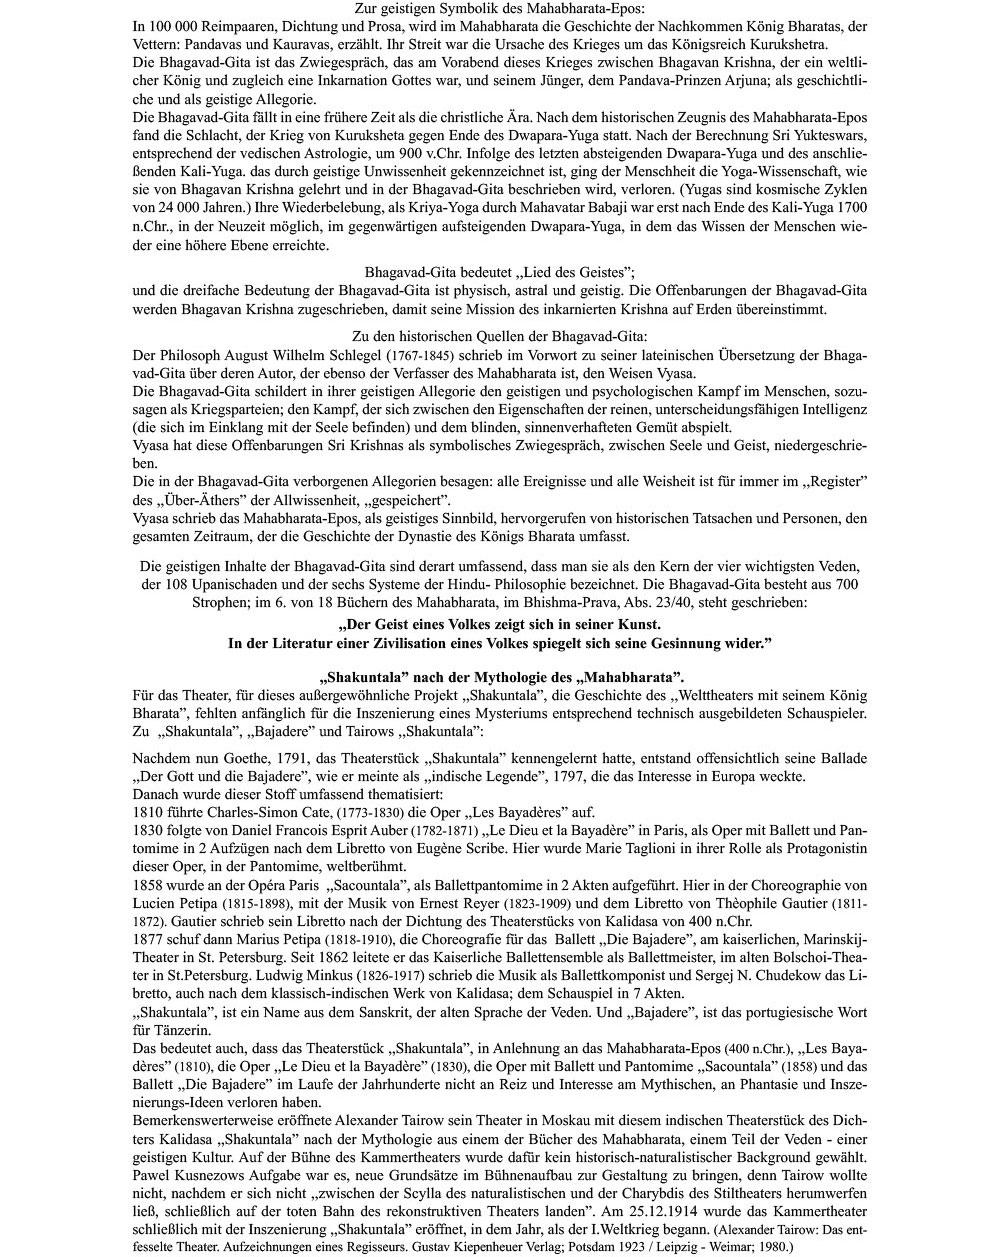 04-geistige-kunst-und-kultur-der-veden-4